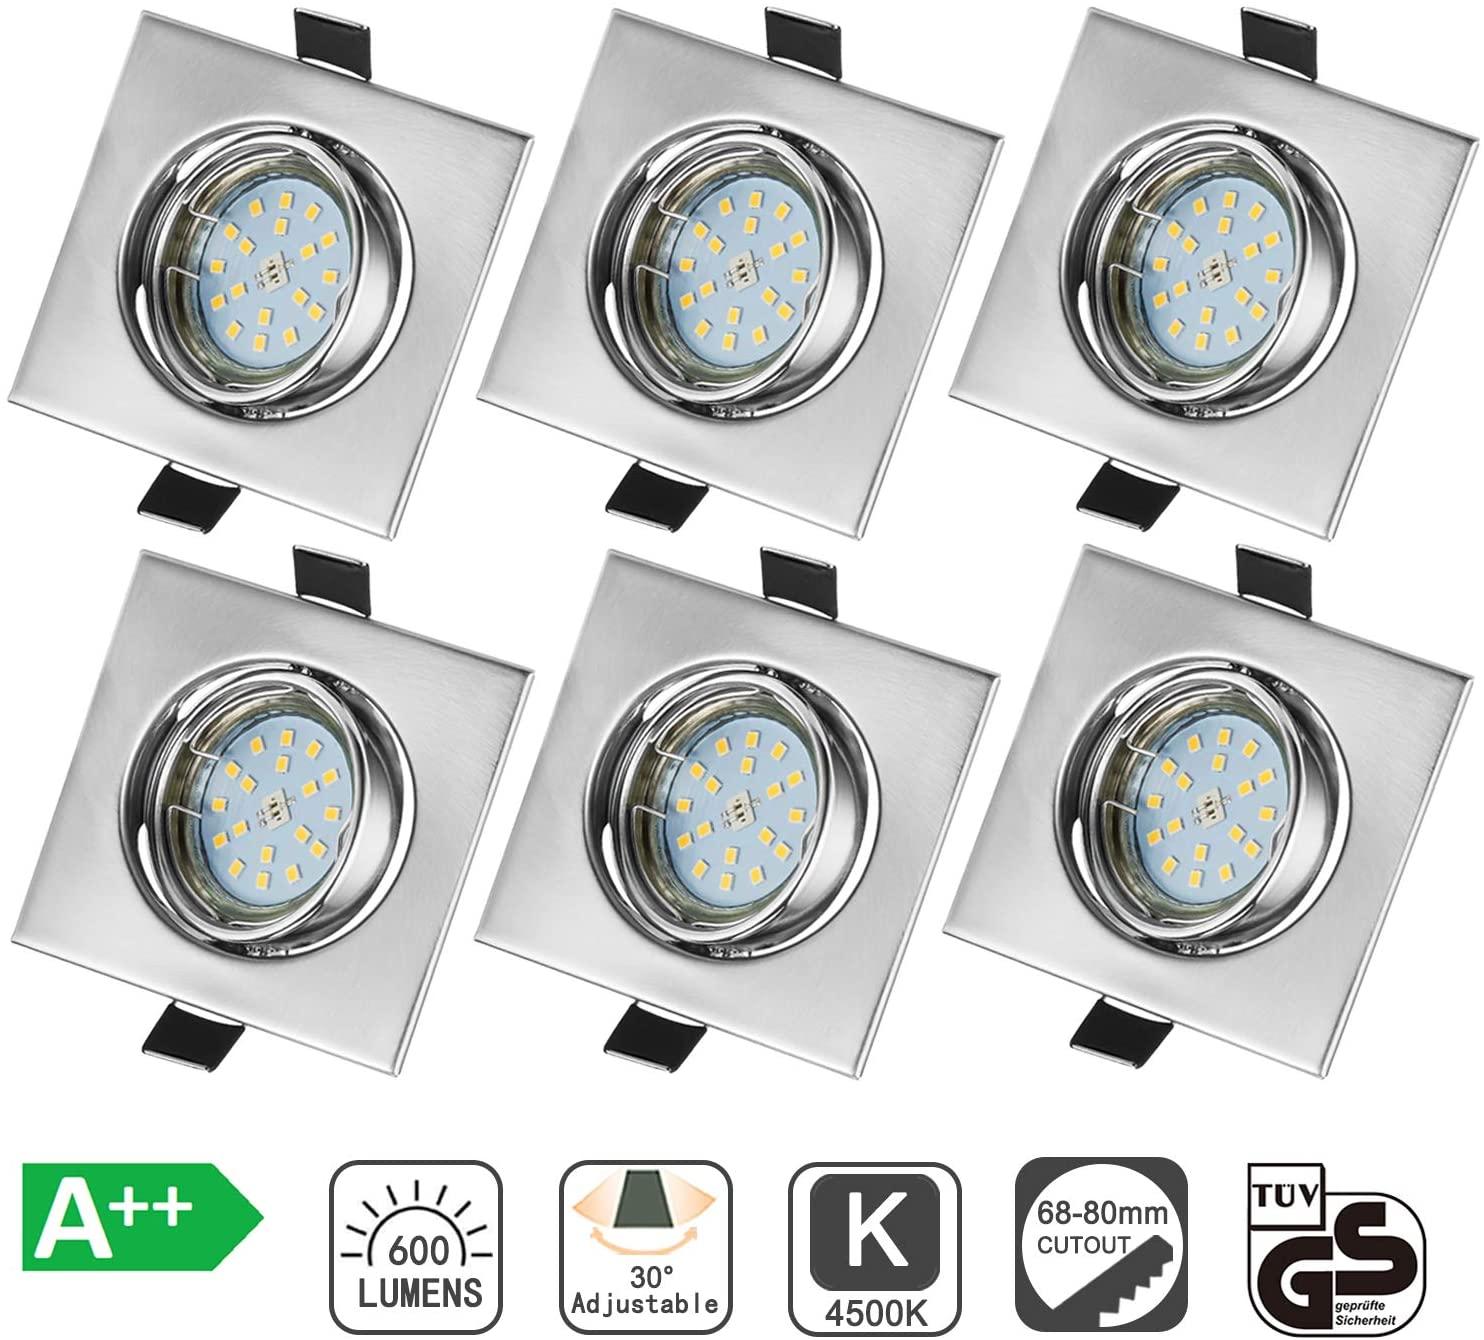 Bojim 6x GU10 Foco Empotrable para el Techo Cuadrado, 6W Blanco Natural 4500K LED Luz de Techo 600lm 82Ra Ángulo de Basculación del Ojo de Buey 30° y Ángulo de luz 120° AC 220V-240V IP20 [Clase de eficiencia energética A++]